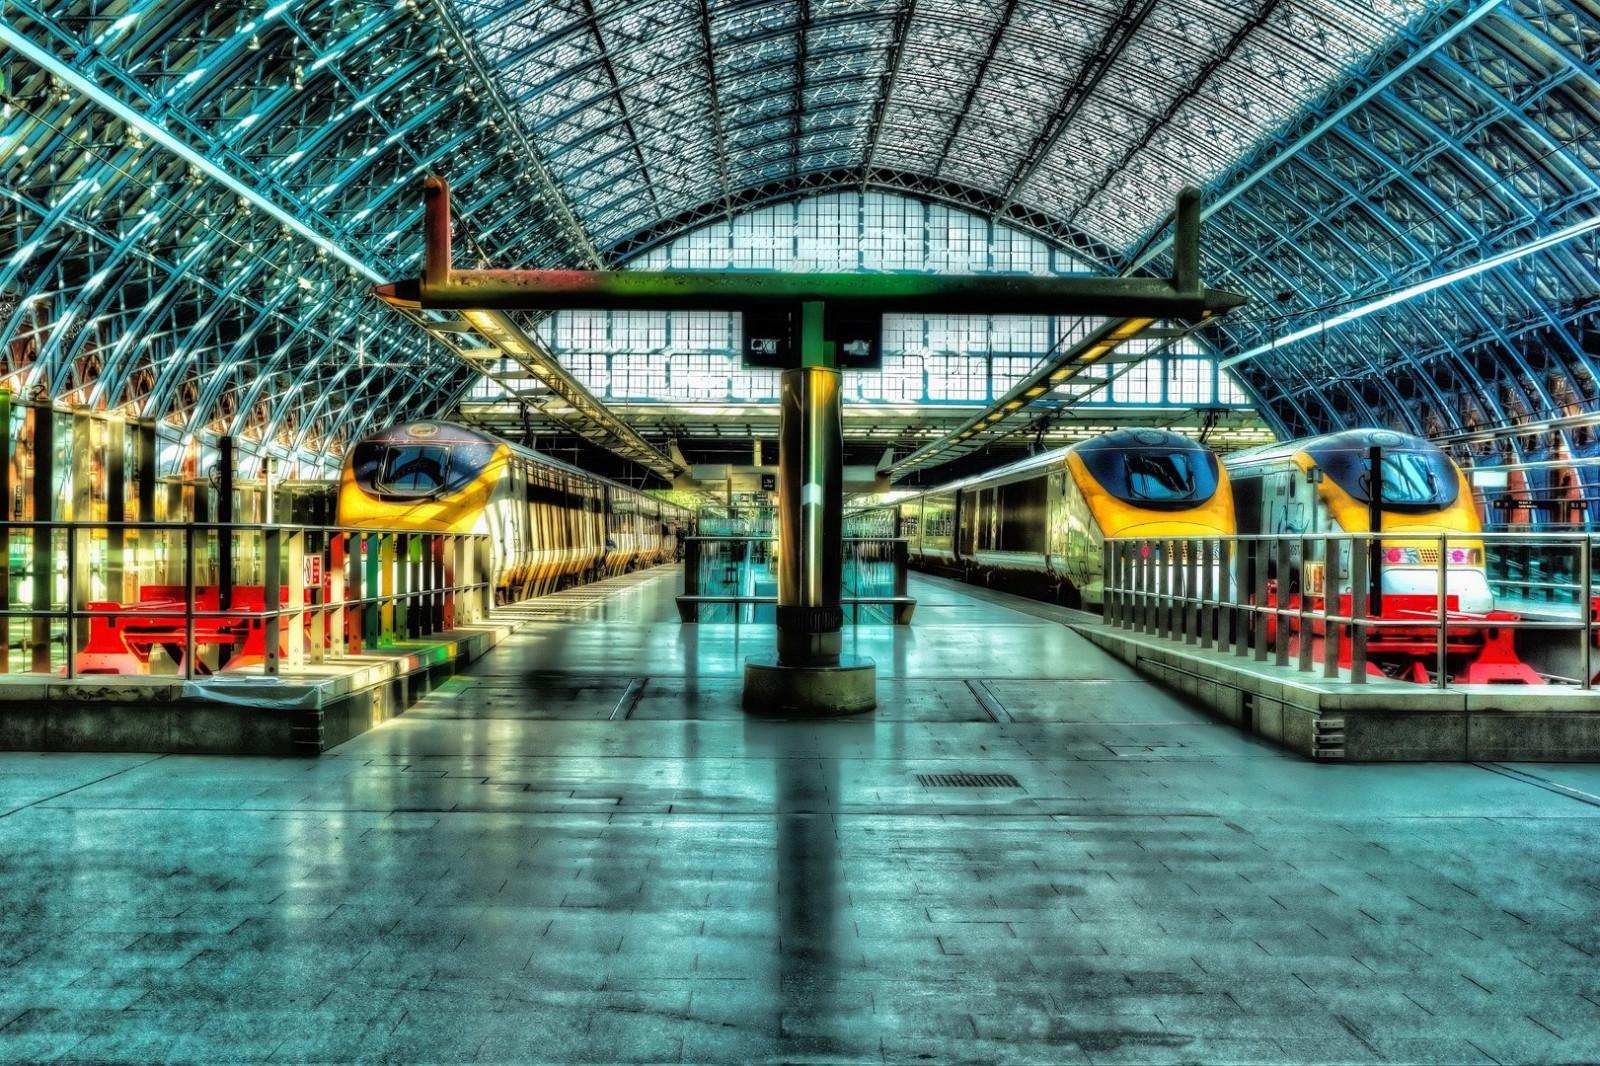 ผลการค้นหารูปภาพสำหรับ london train hdr